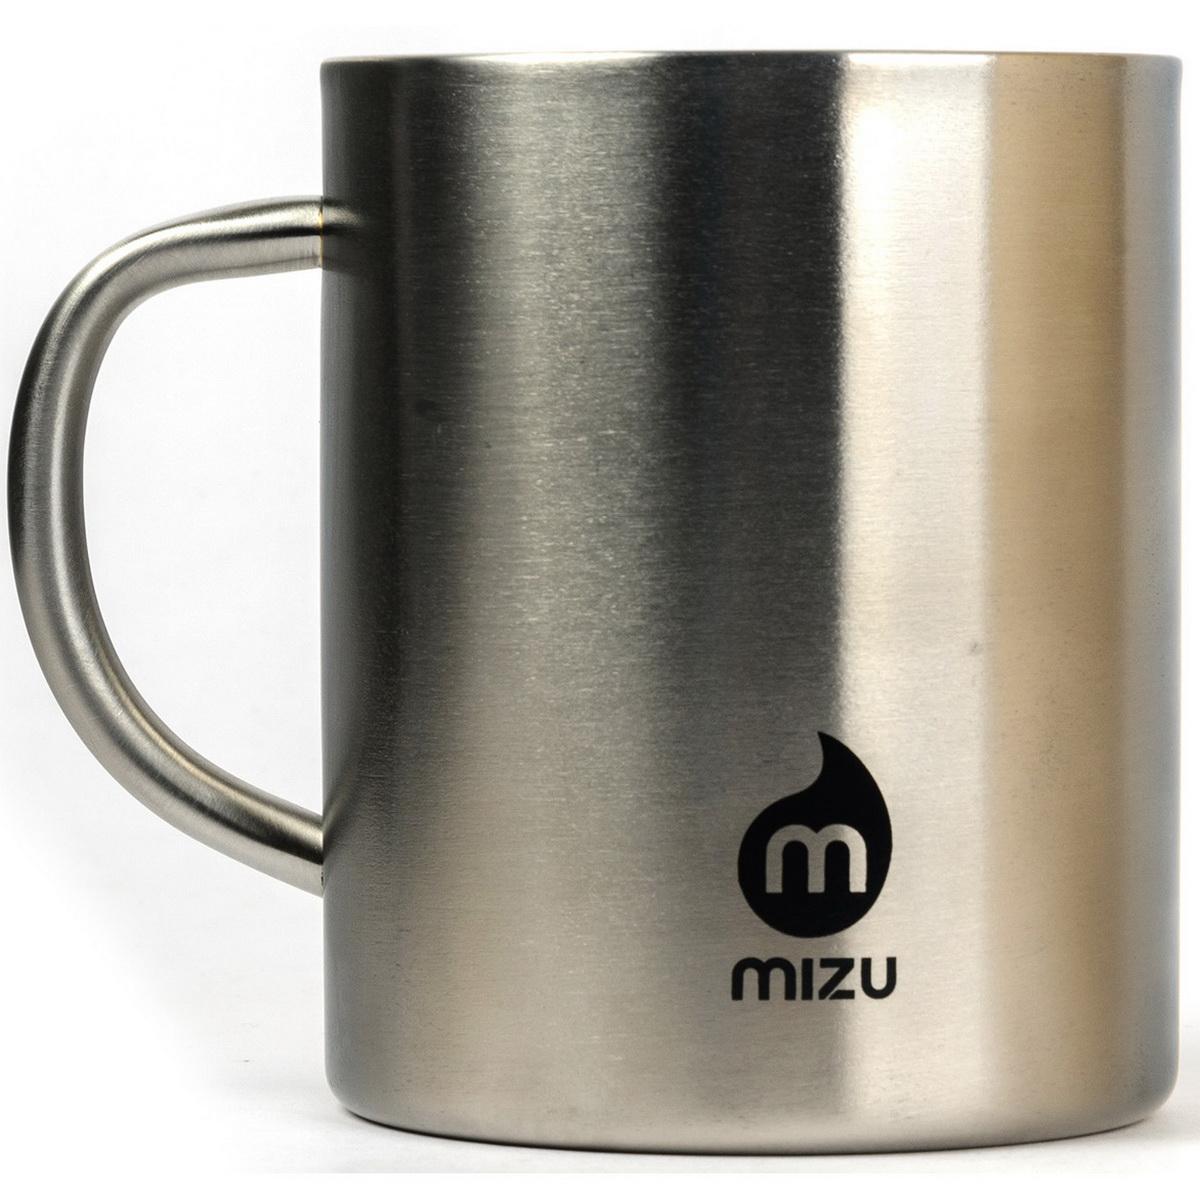 Термокружка Mizu, цвет: стальной, черный, 420 млW01AMZACCNSКружка из пищевой нержавеющей стали с фирменным логотипом MIZU Объем: 420 мл. Диаметр: 8, 5 см.